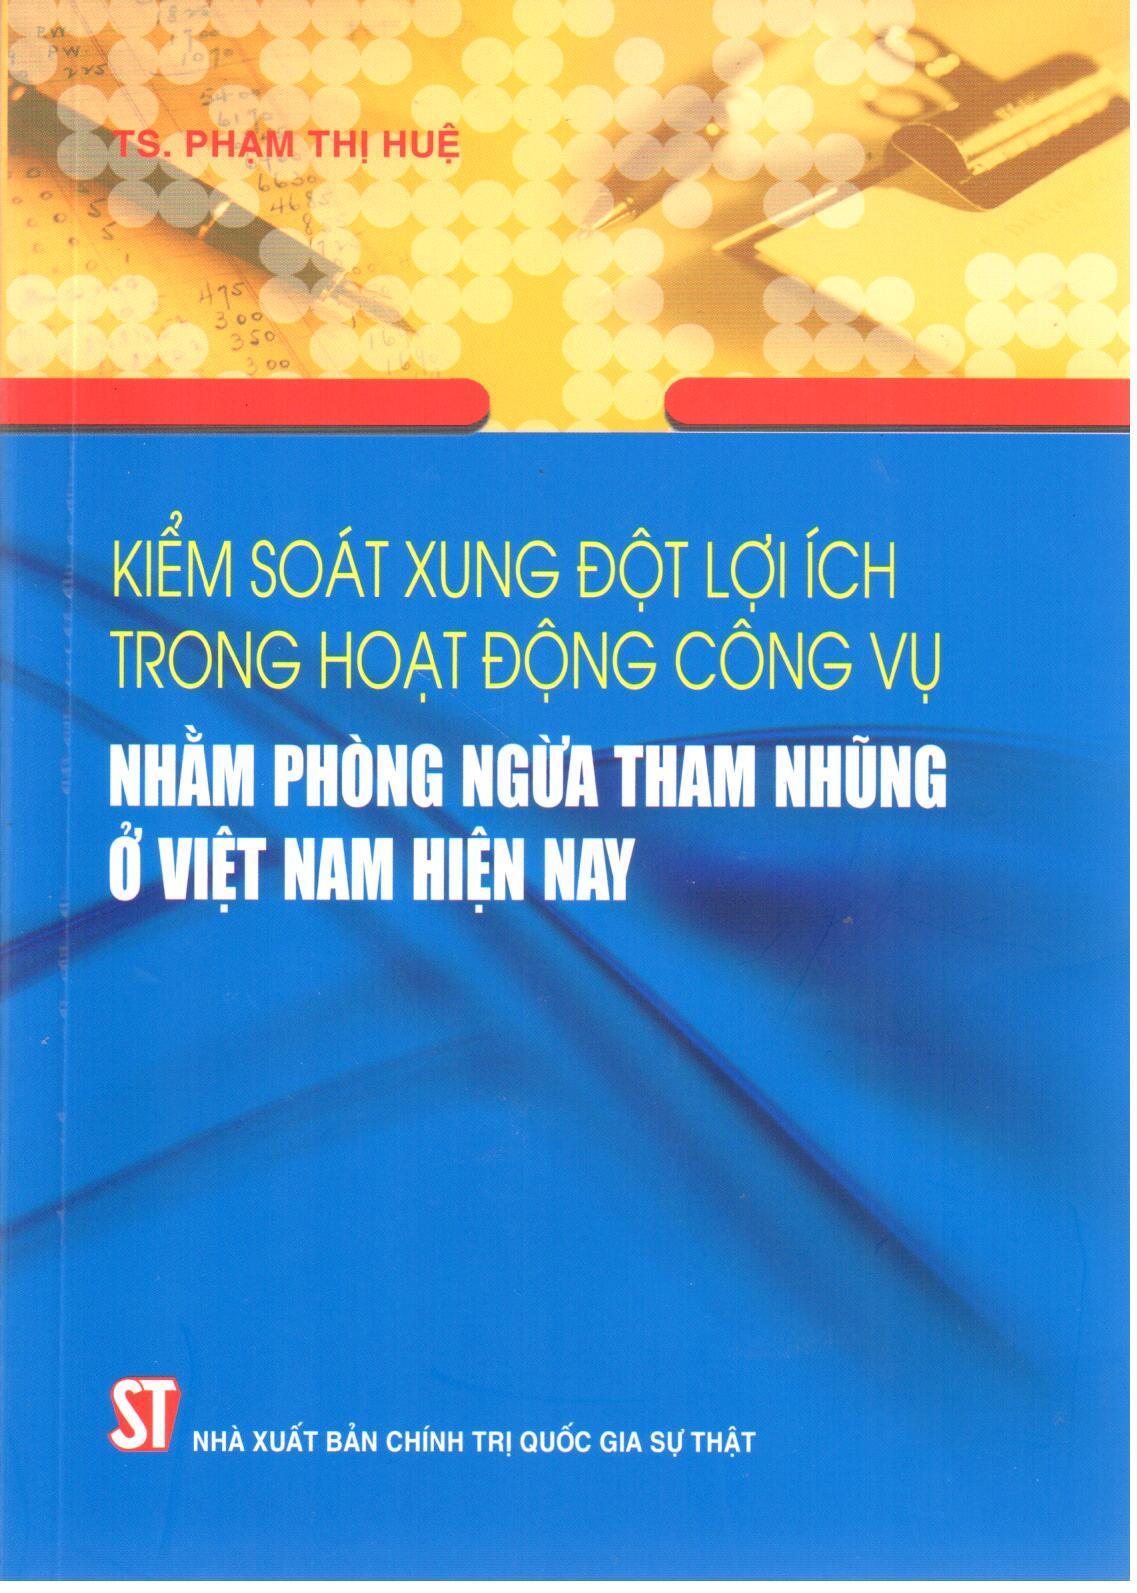 Kiểm soát xung đột lợi ích trong hoạt động công vụ nhằm phòng ngừa tham nhũng ở Việt Nam hiện nay